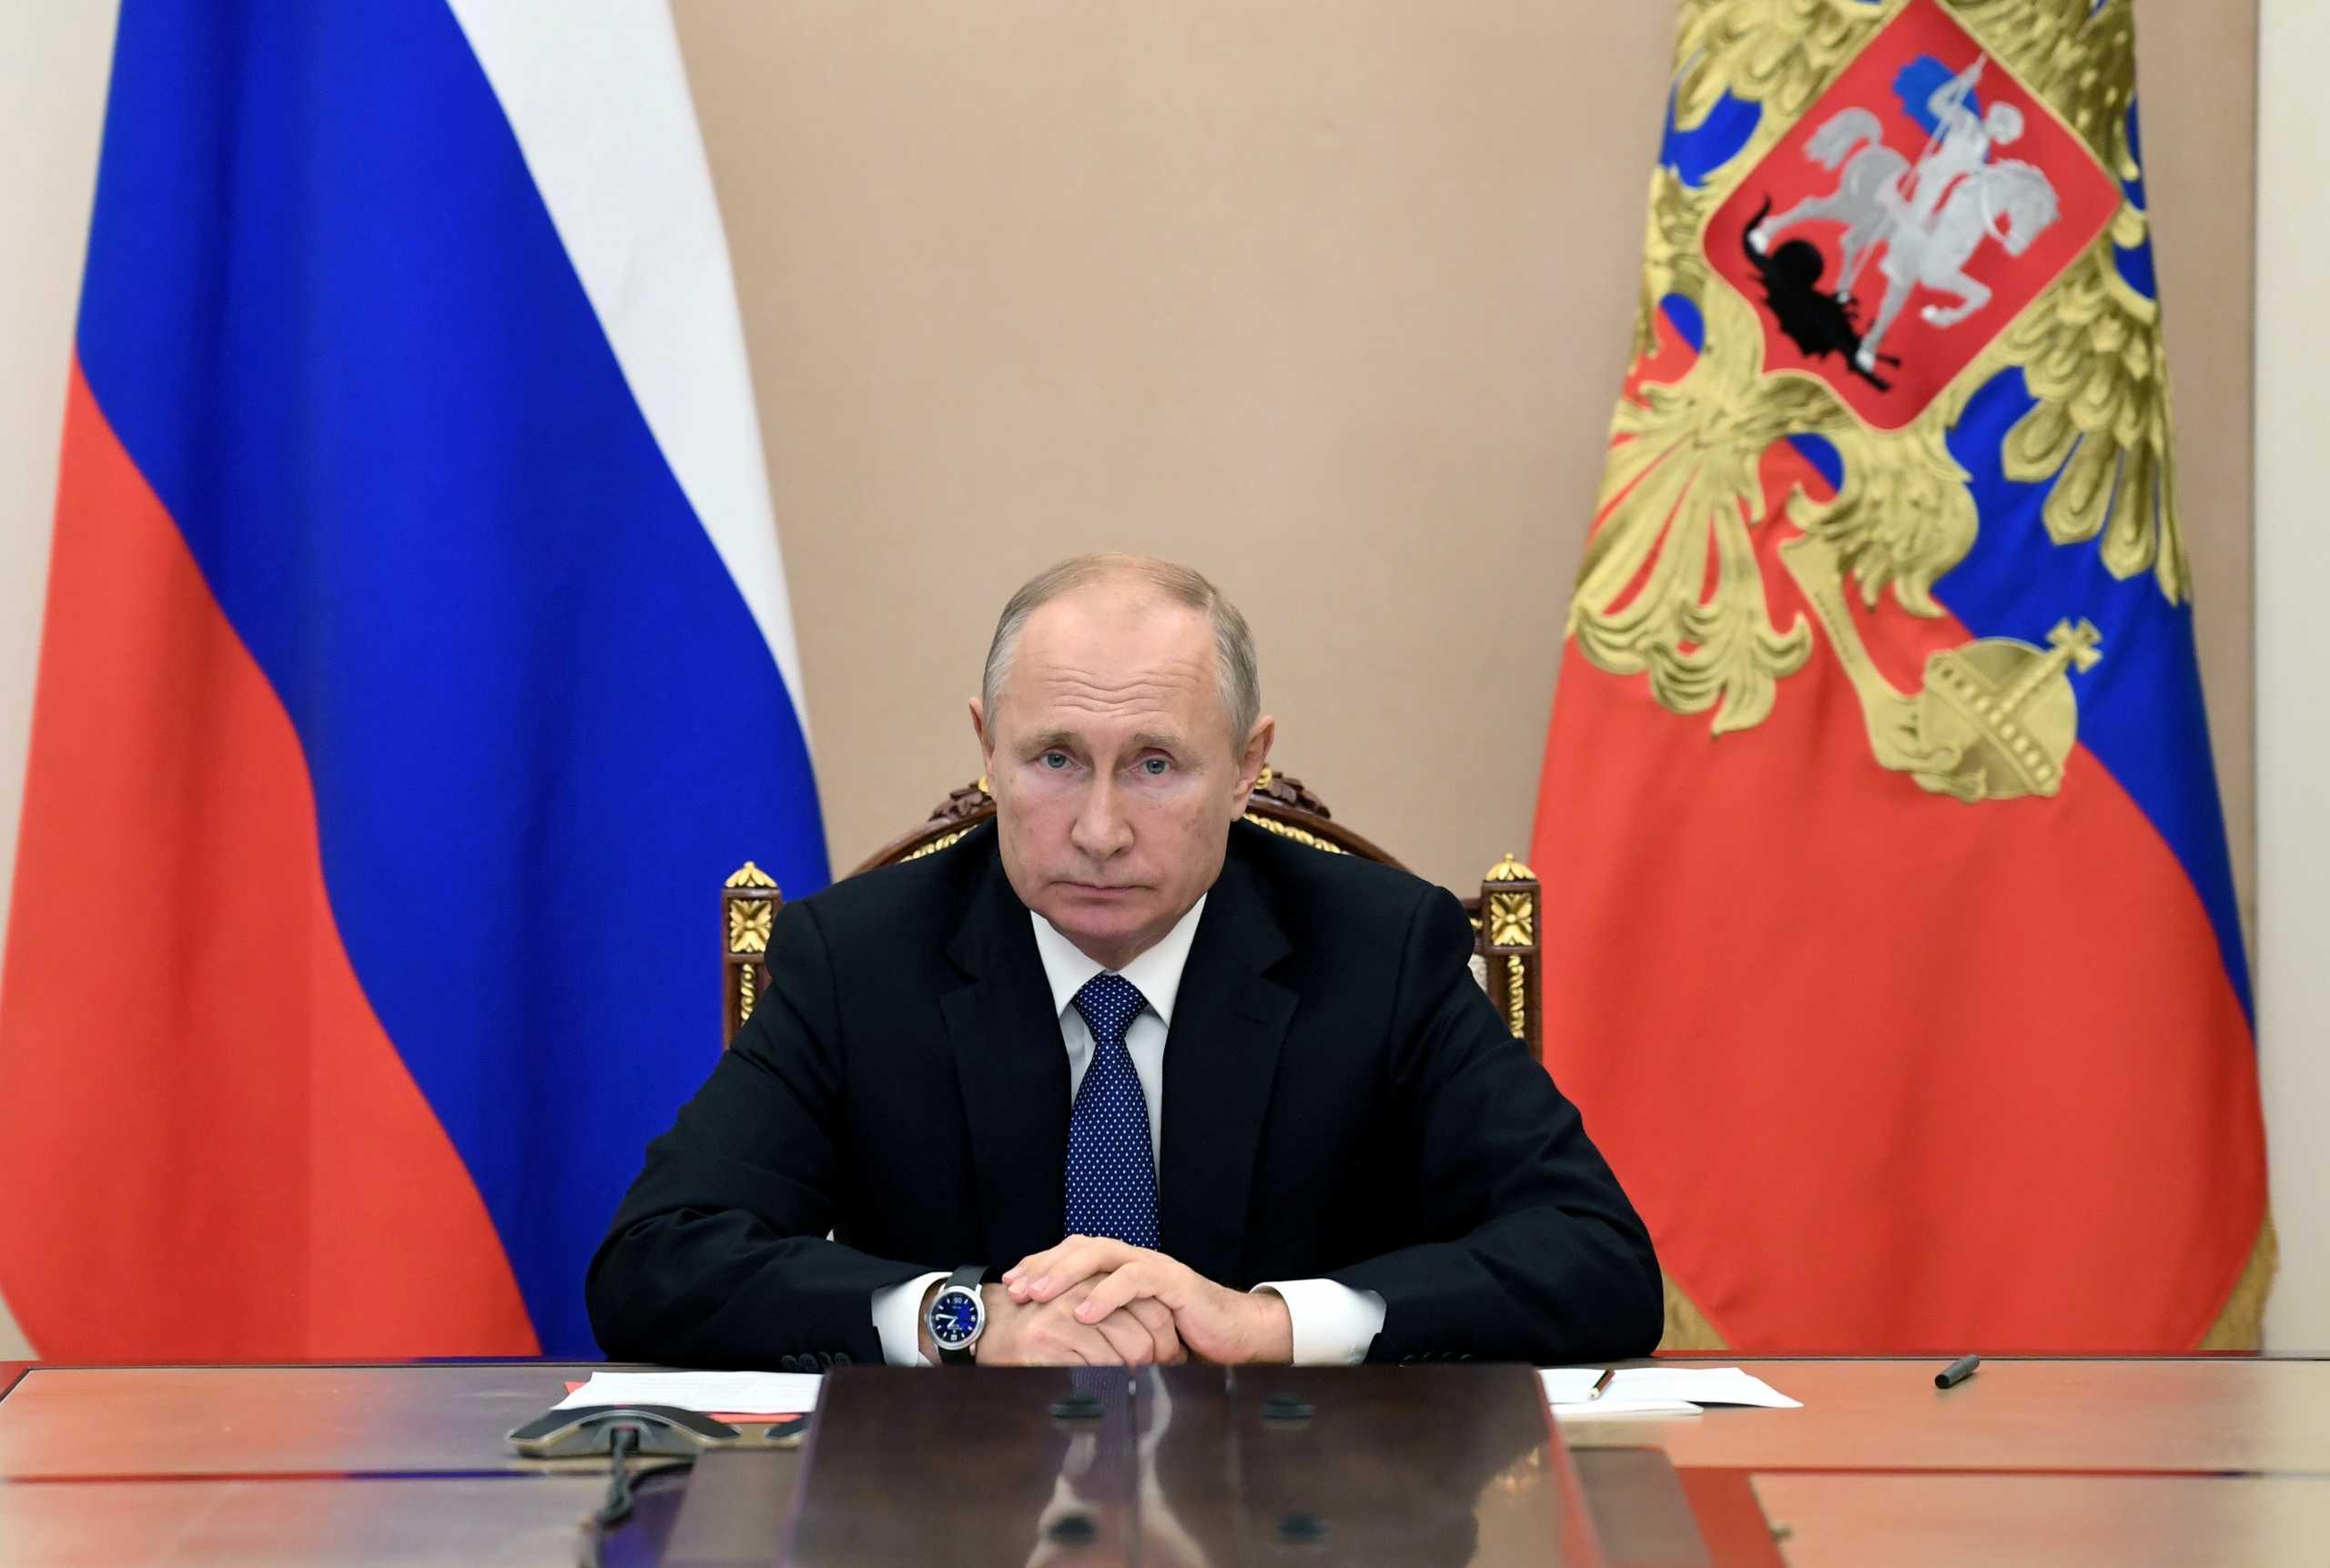 Πούτιν και Κούρτς συζήτησαν το ενδεχόμενο να προμηθευθεί η Αυστρία το ρωσικό εμβόλιο